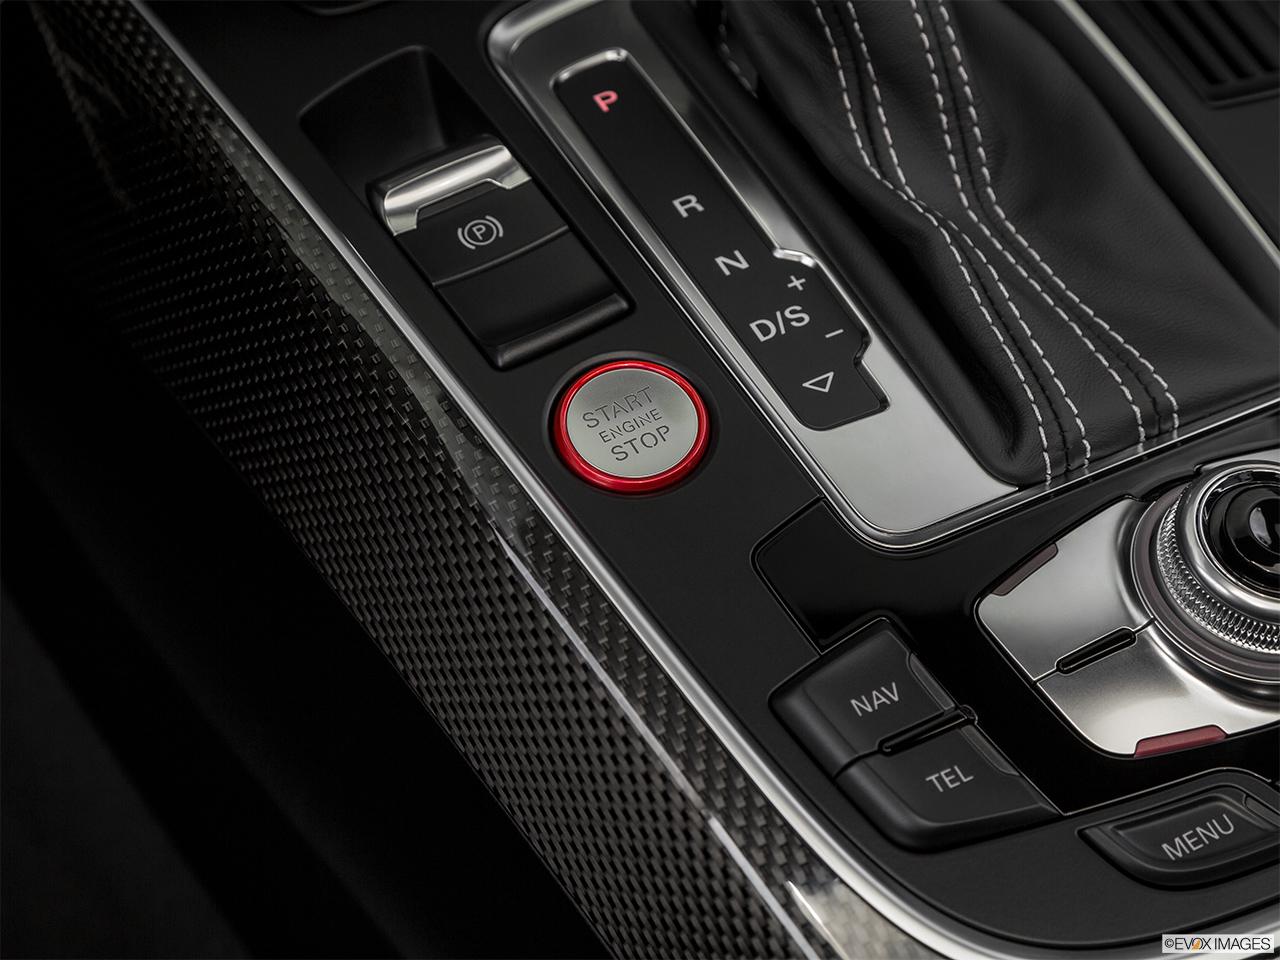 Audi Q5 2017 45 TFSI quattro 272 HP in Oman: New Car ...